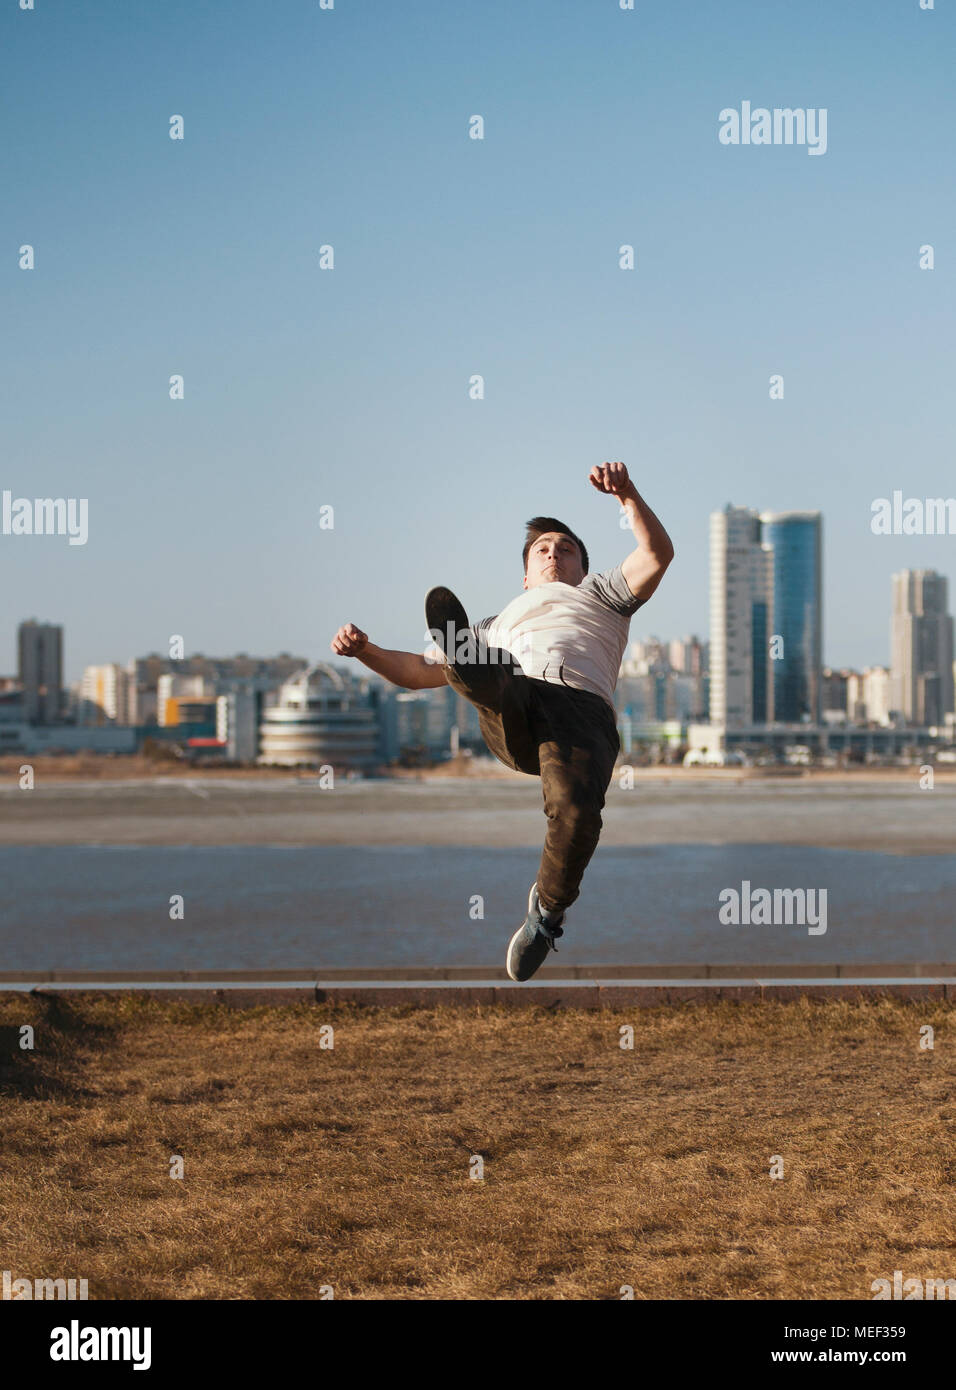 Junge männliche parkour Sportler führt akrobatische Sprünge vor der Skyline Stockbild